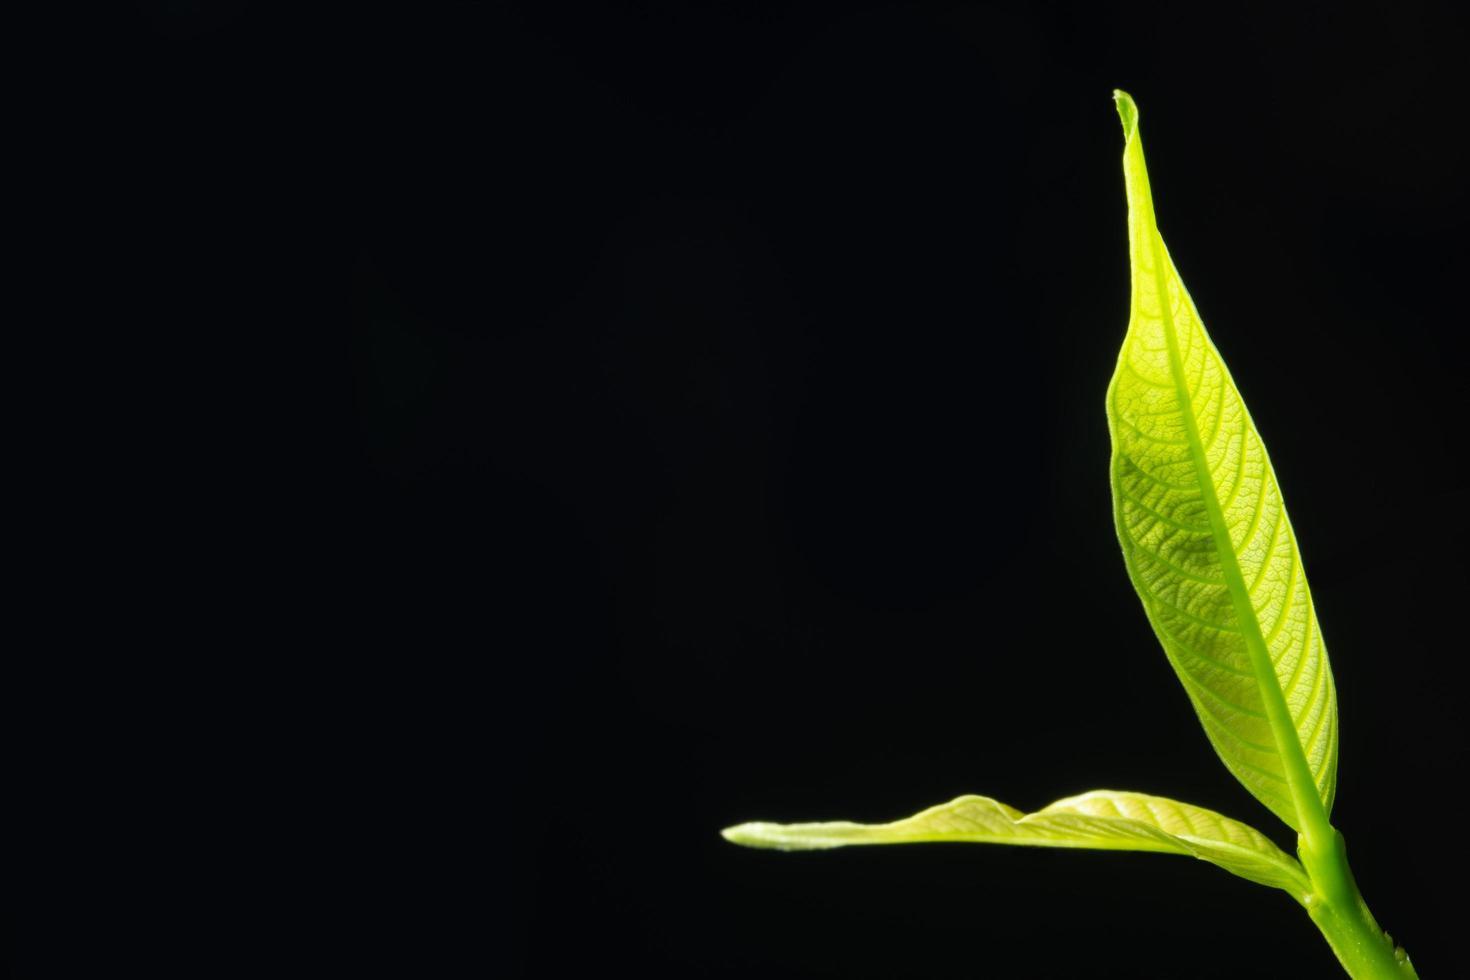 foglia verde su sfondo nero foto